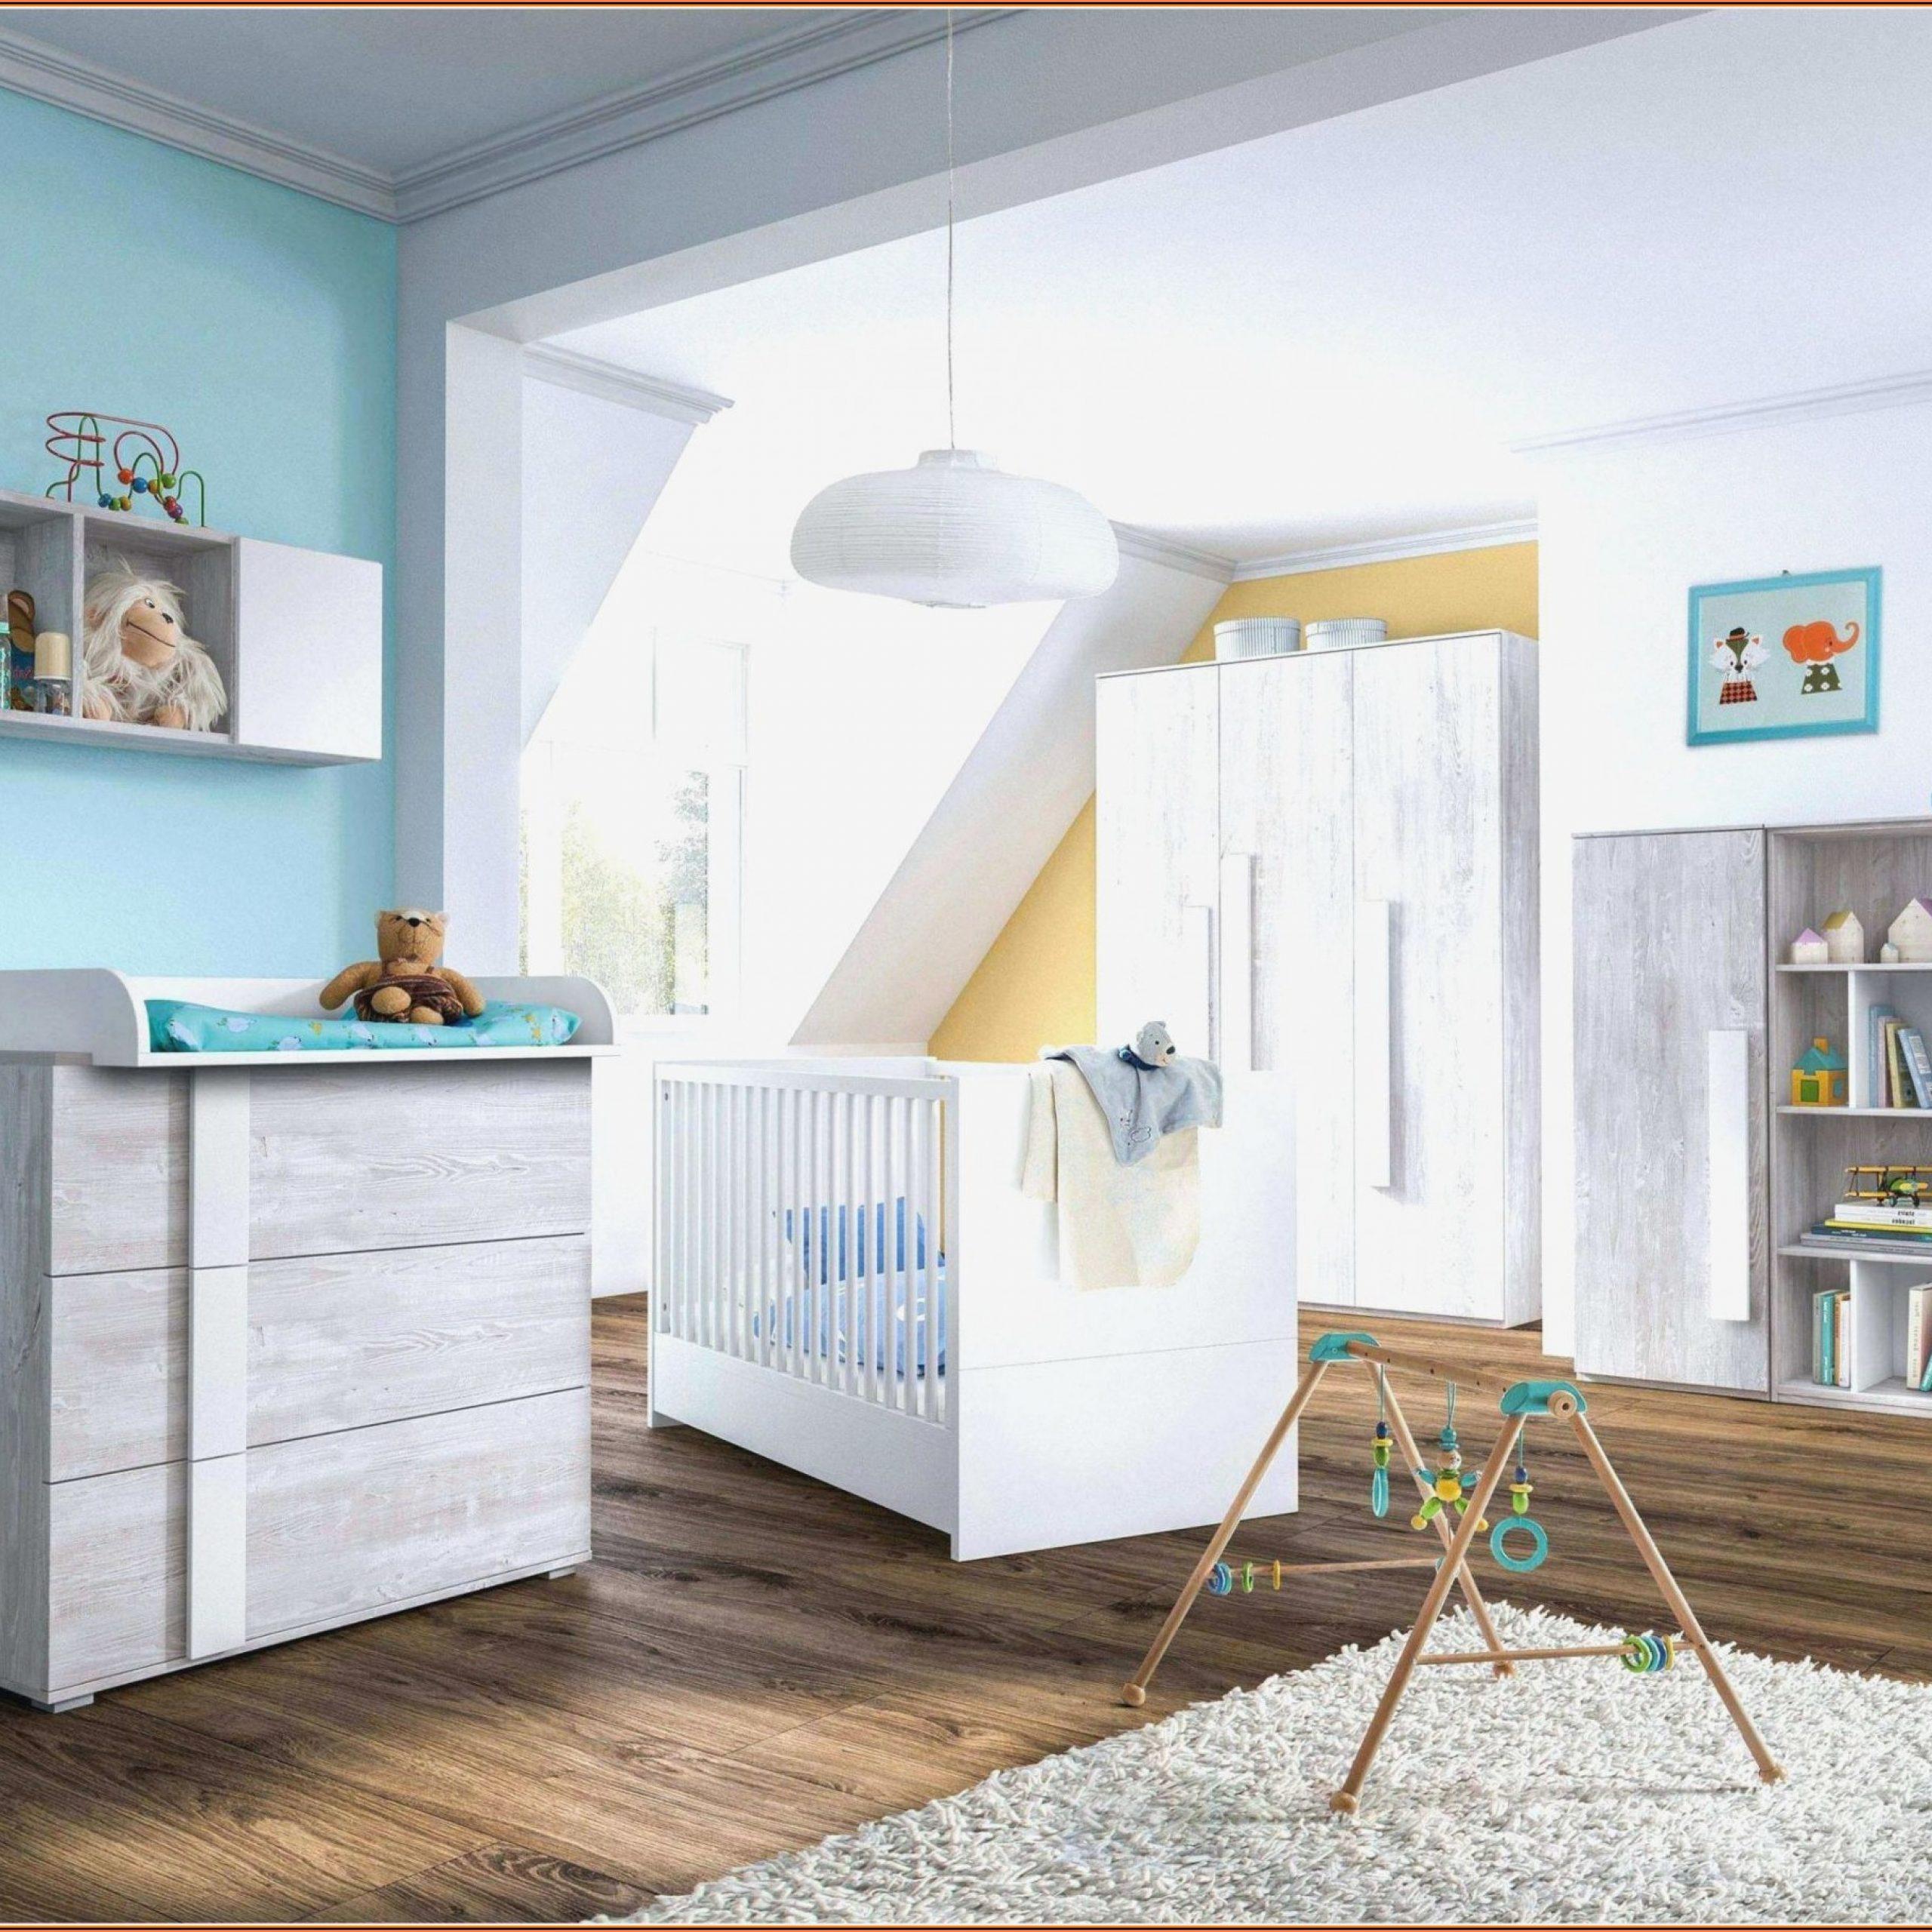 Kinderzimmer 14 Qm Einrichten - Kinderzimme : House und ...